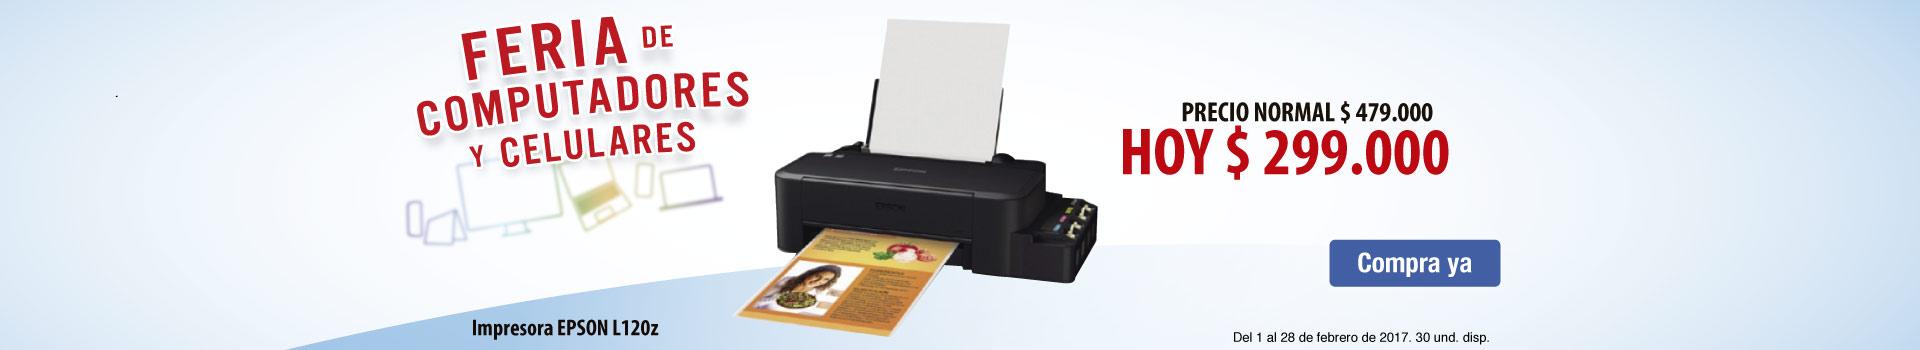 HIPER-KTX-ComputadoresImpresora-feb1